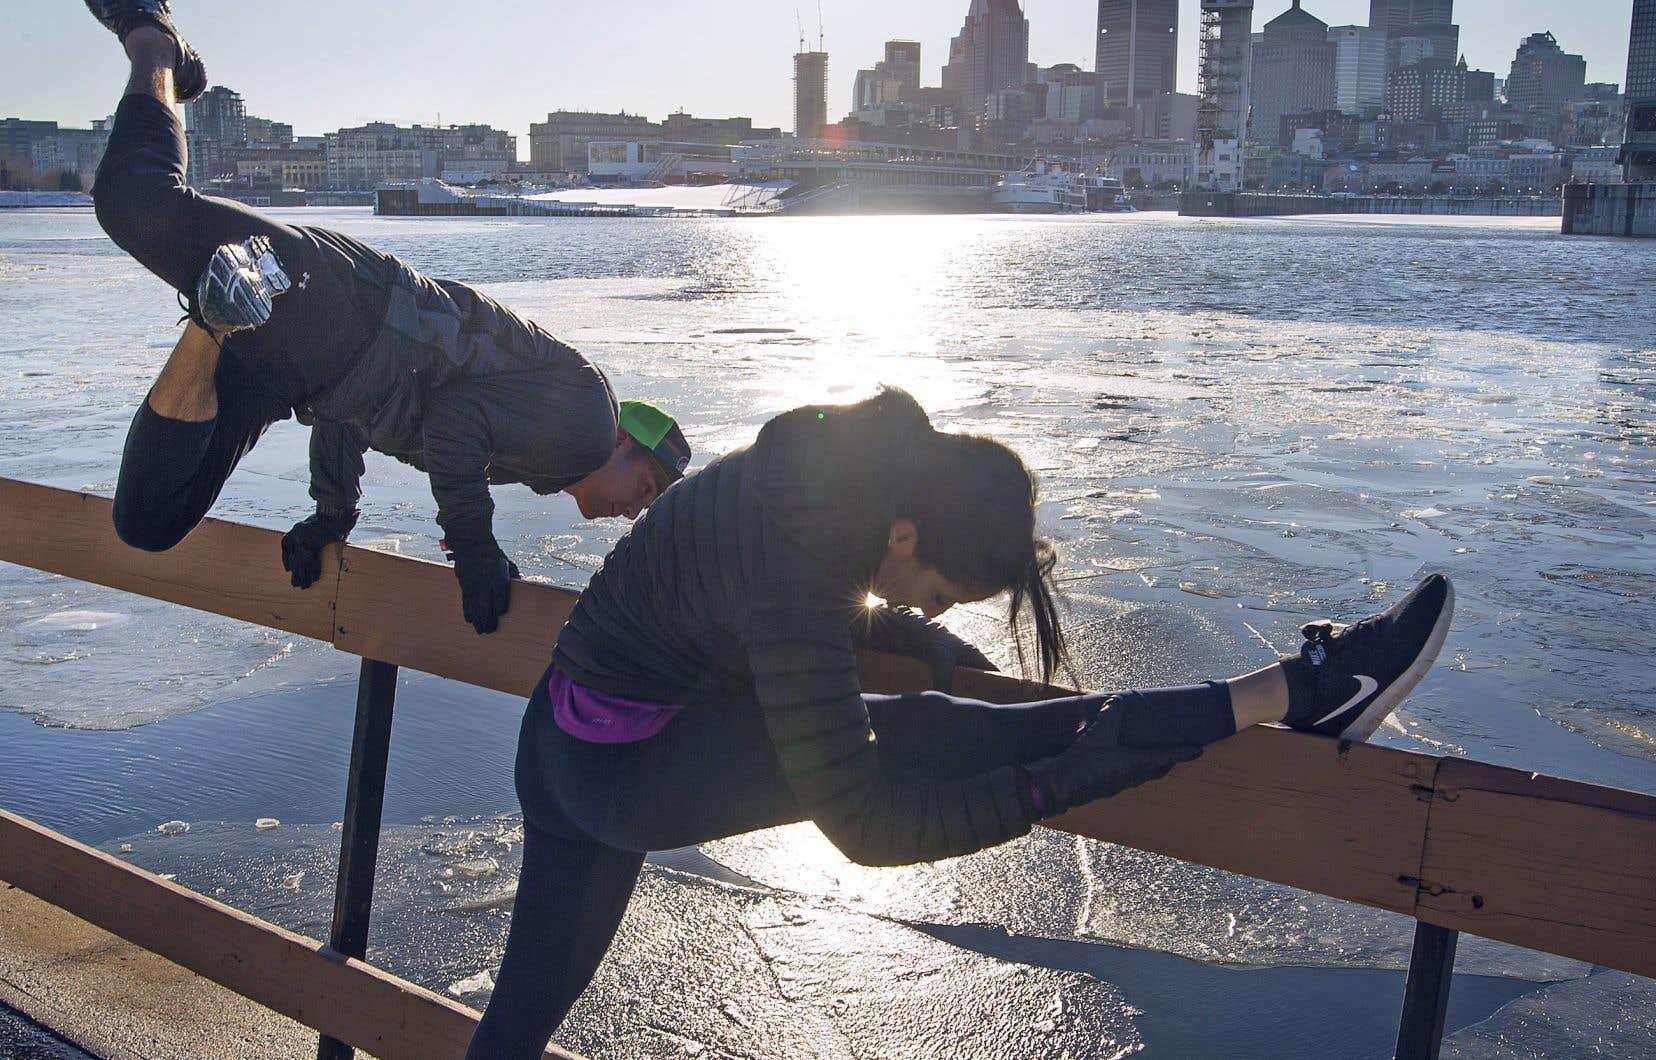 Des amateurs de course à pied ont profité de la température clémente lundi pour aller s'entraîner aux abords du fleuve.